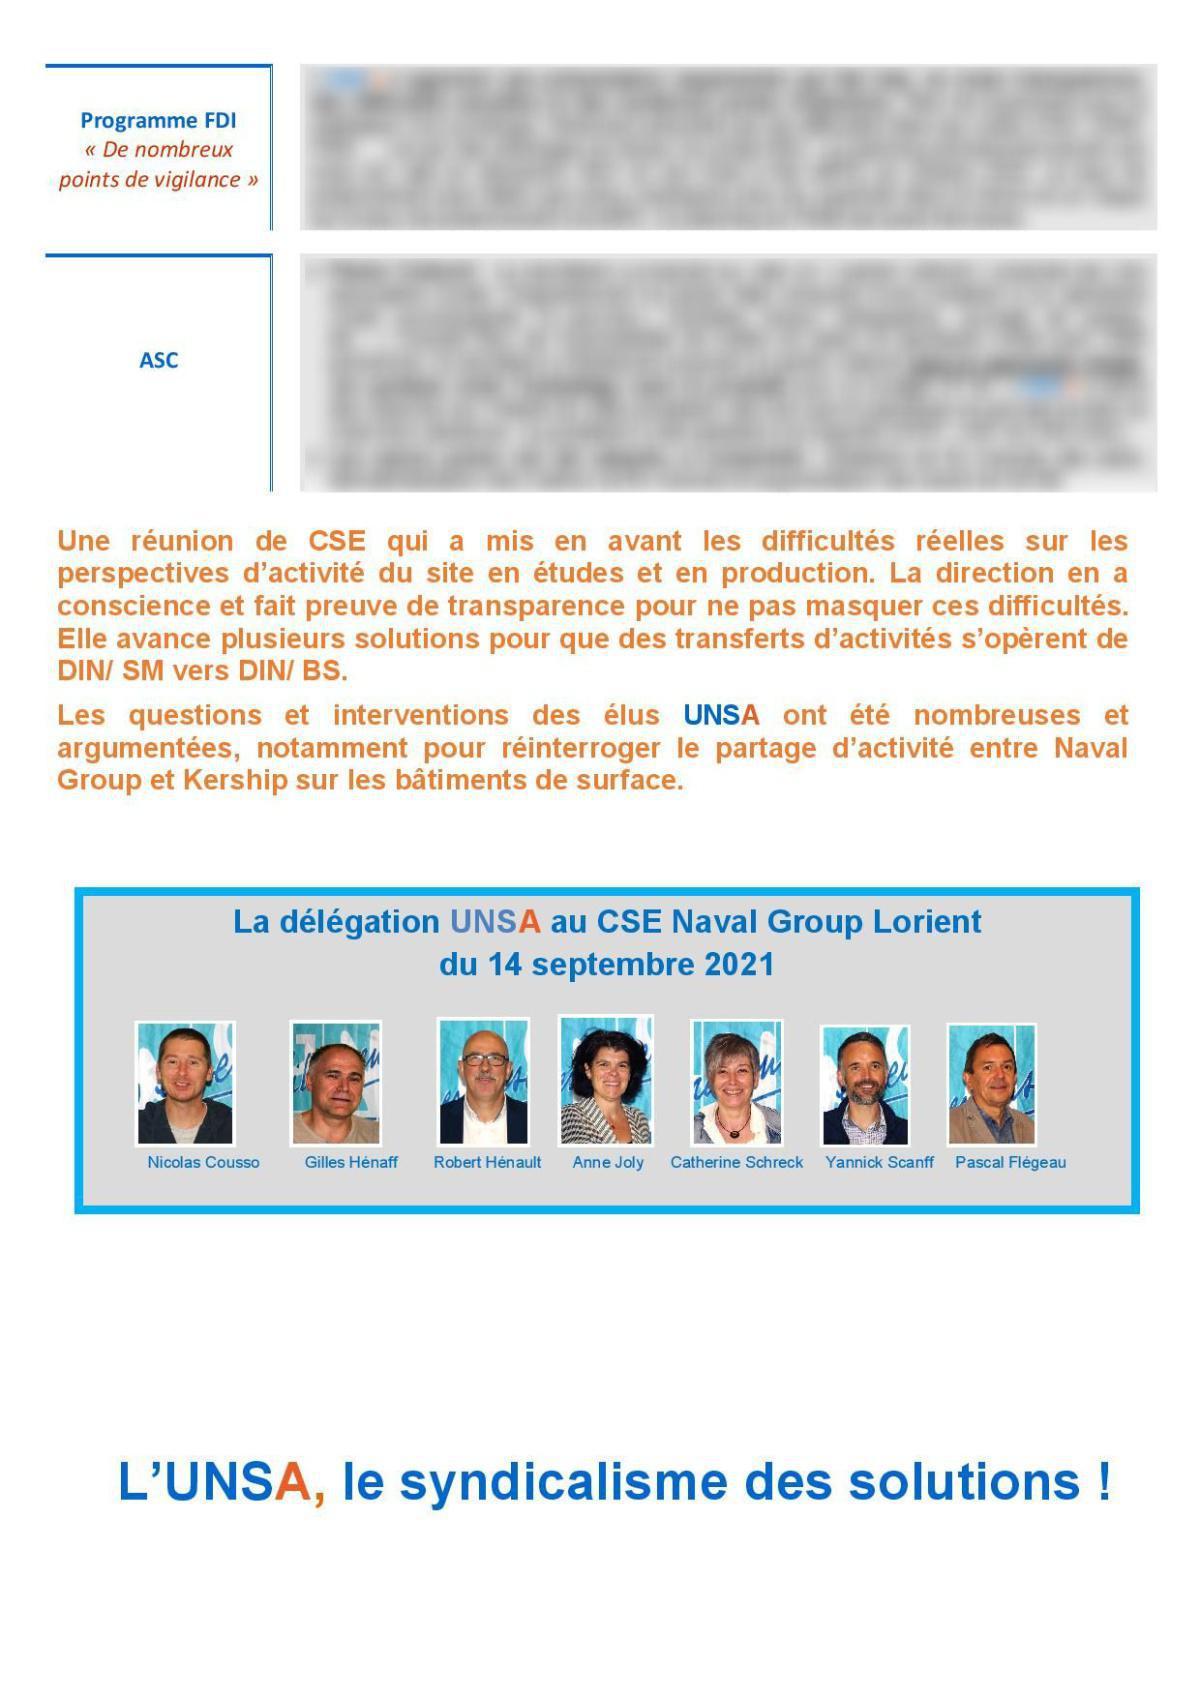 CSE de Lorient - réunion du 14 septembre 2021 - Compte rendu